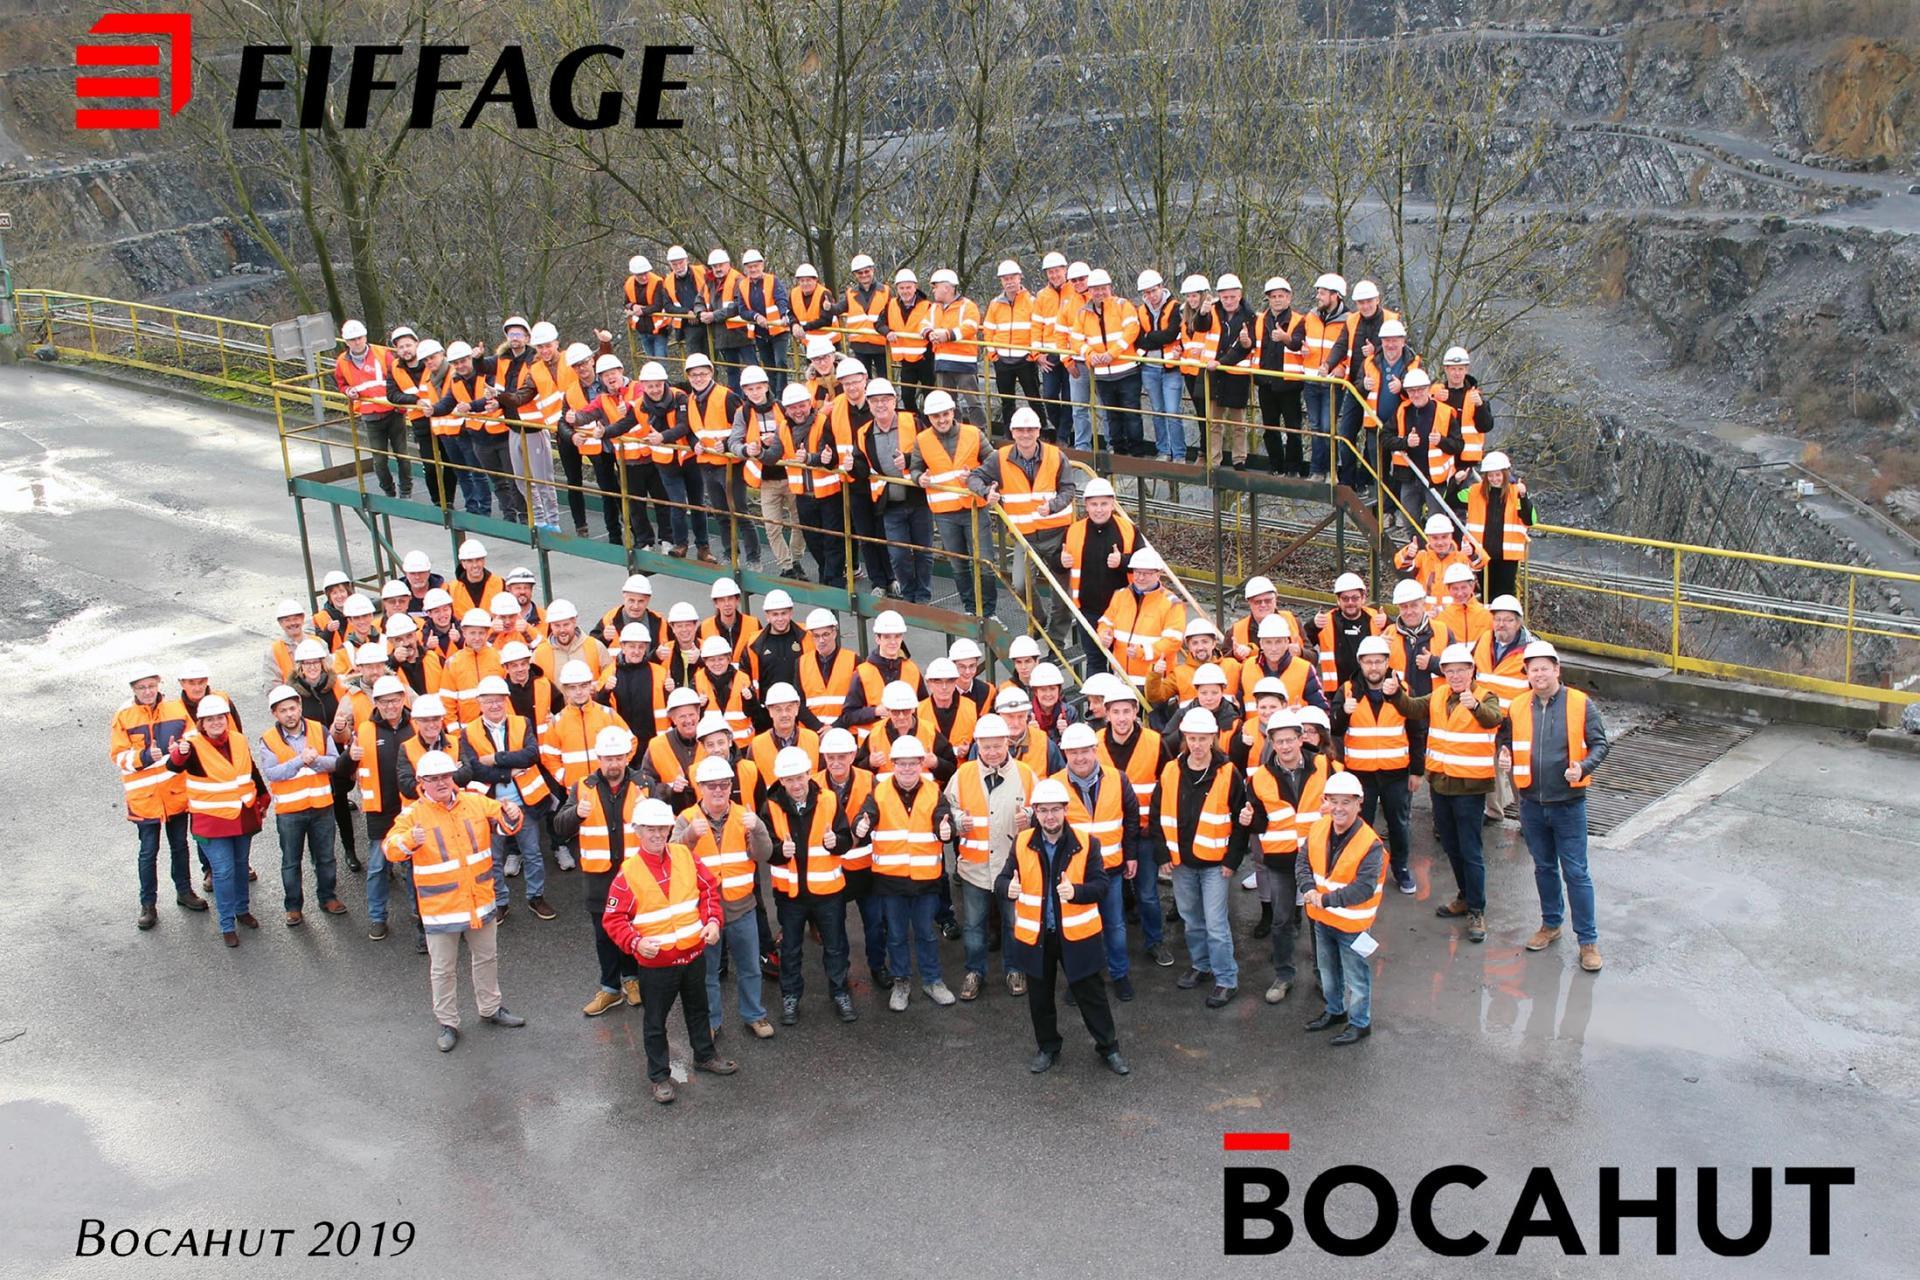 Photographie d'entreprise pour Eiffage